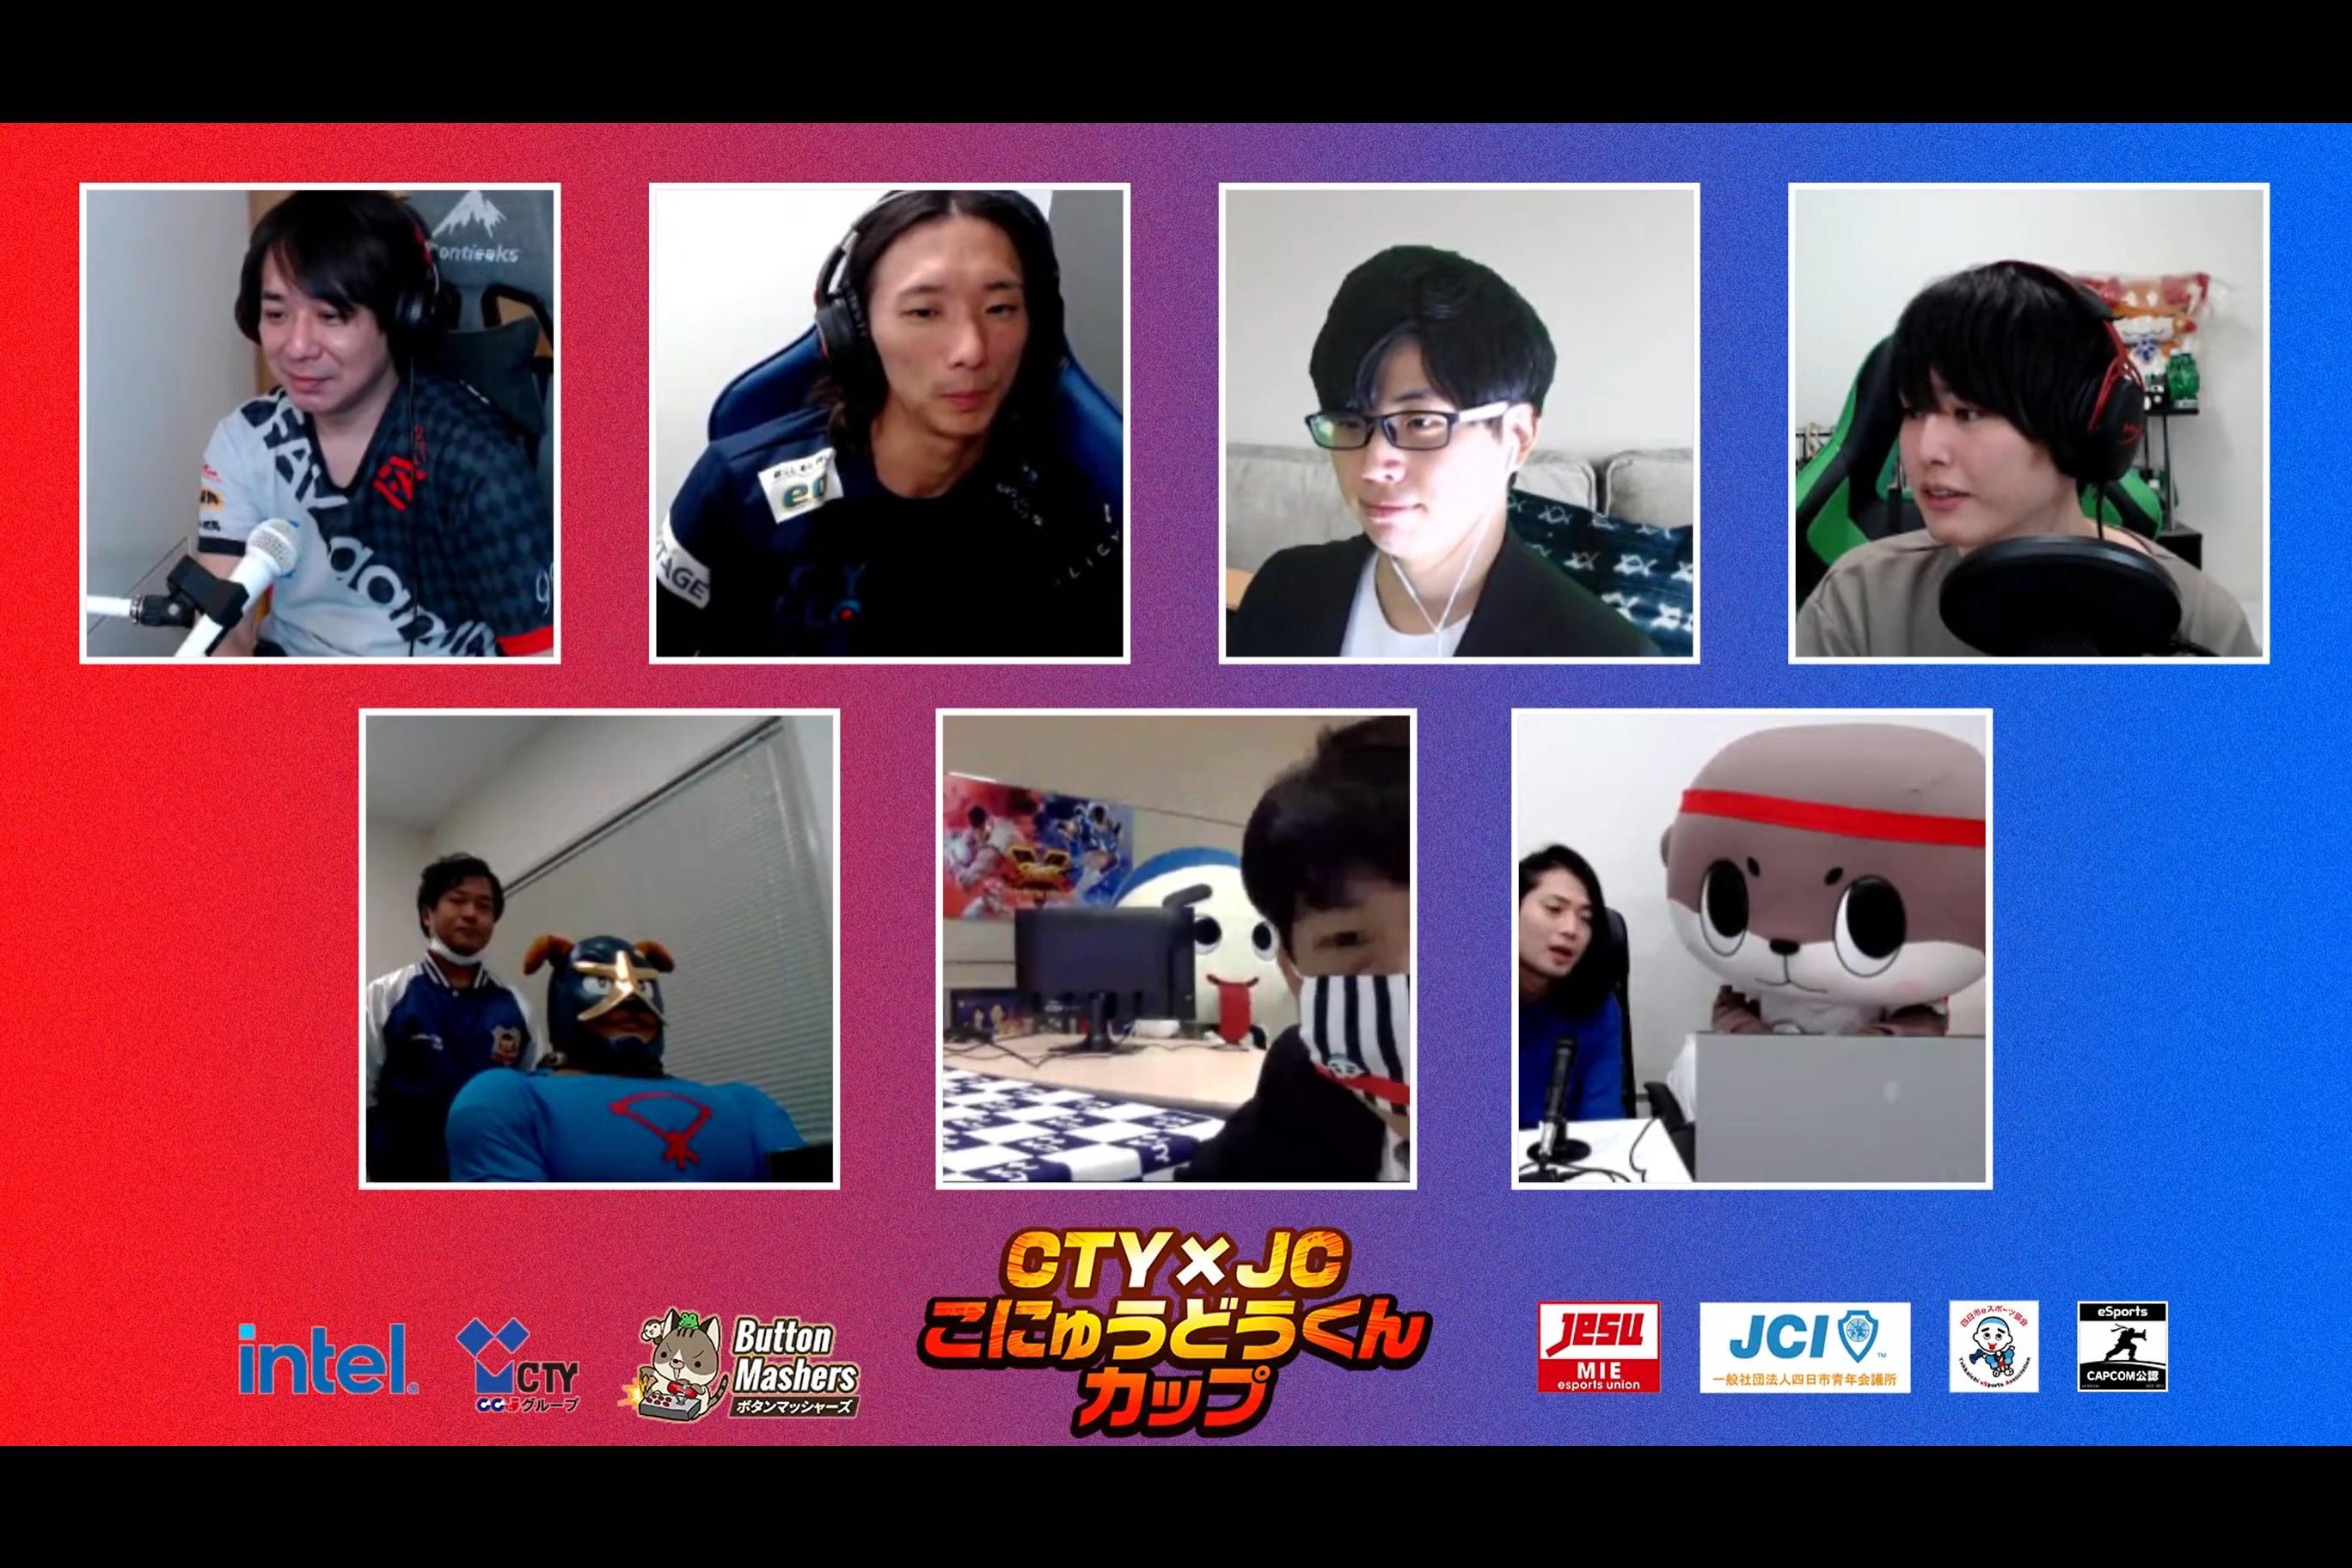 (上段左から)Sako選手、どぐら選手、ササ氏、なない氏、(下段左から)イヌナキン、こにゅうどうくん、しんじょう君